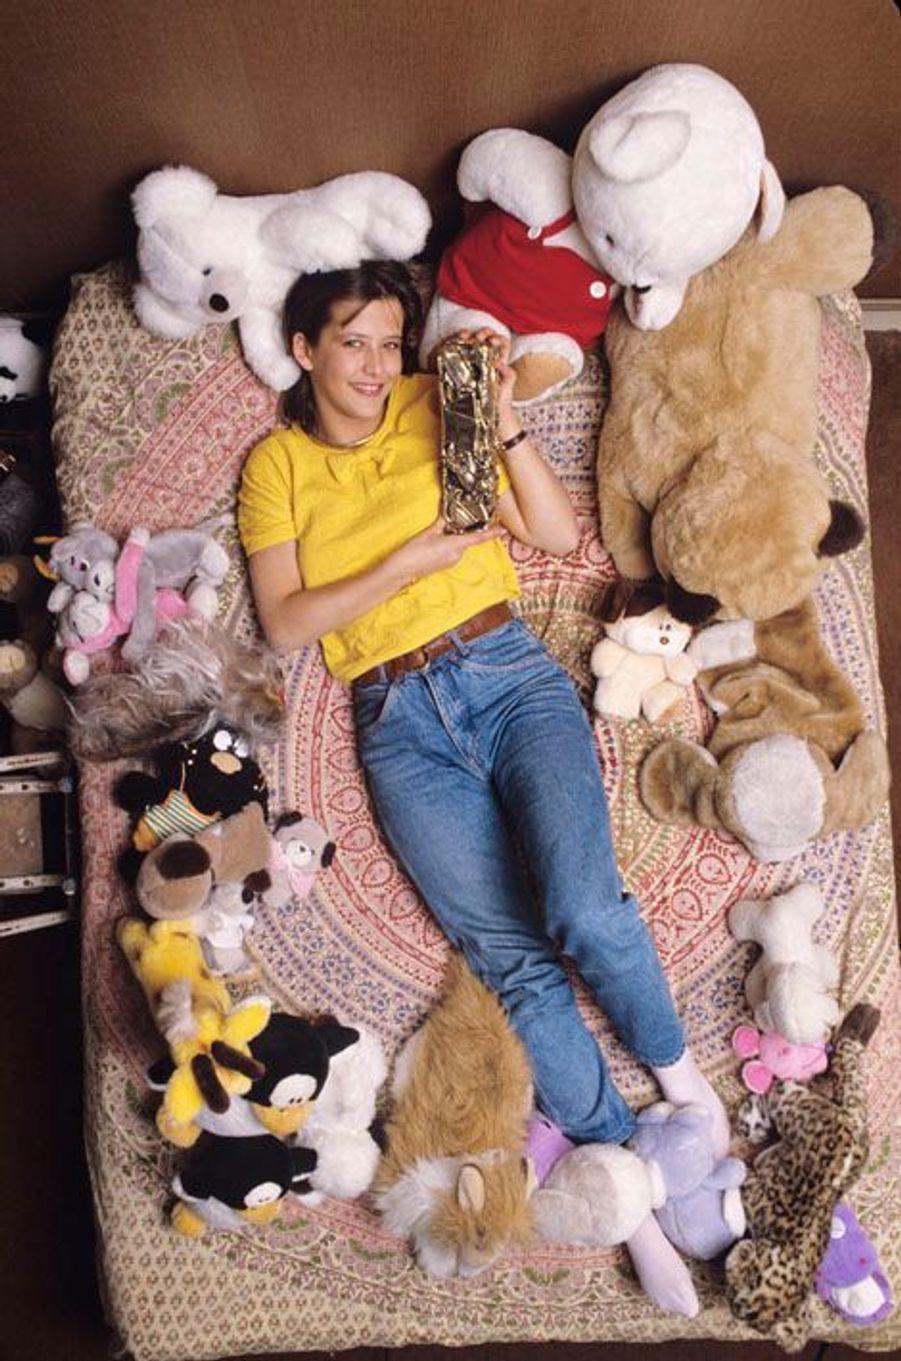 """Sceaux (92), mars 1983 : Sophie Marceau, 16 ans, chez ses parents : souriante, allongée sur son lit au milieu des peluches, posant avec le César du meilleur jeune espoir féminin 1983, décerné pour le film """"La boum 2""""."""